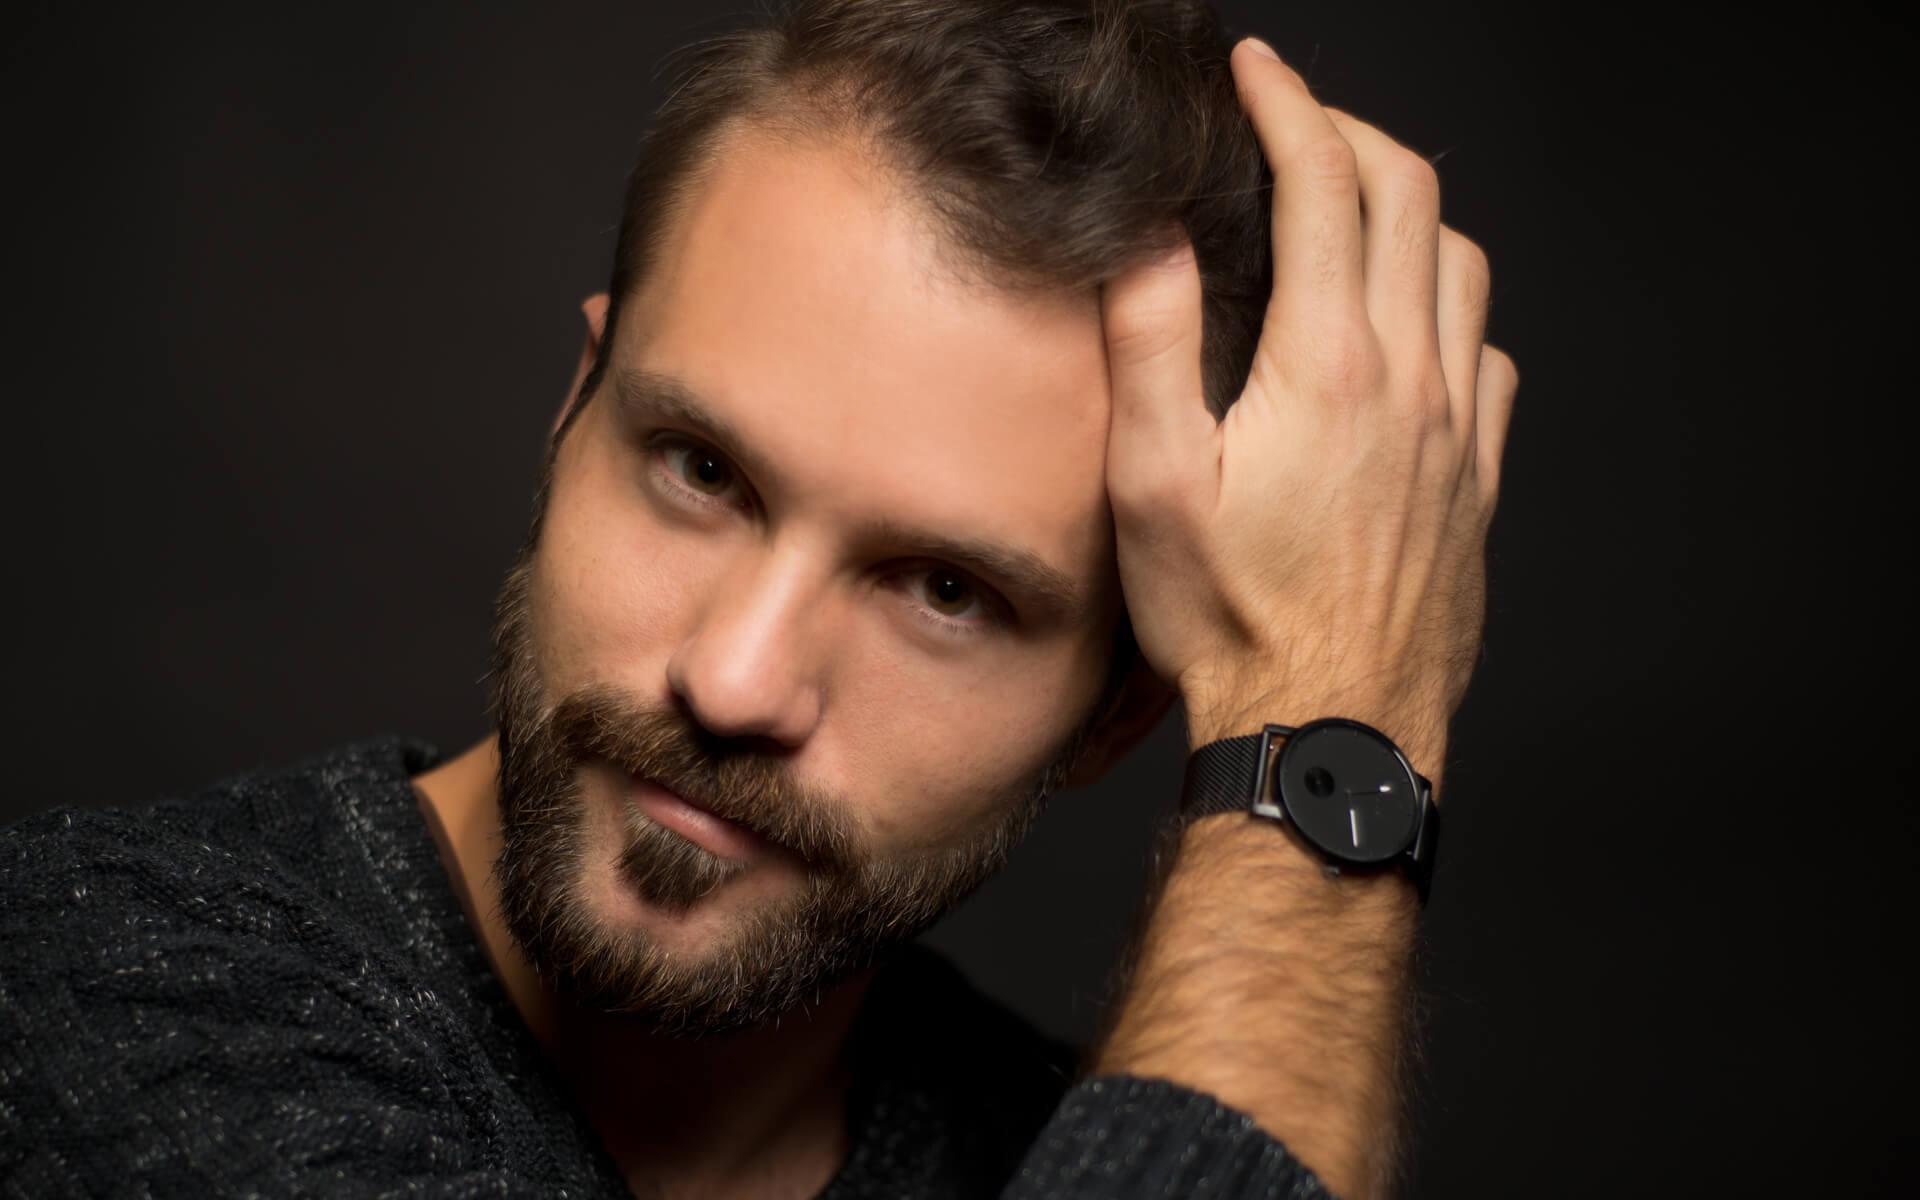 Foto für Social Media Dating Mann mit der Armbanduhr